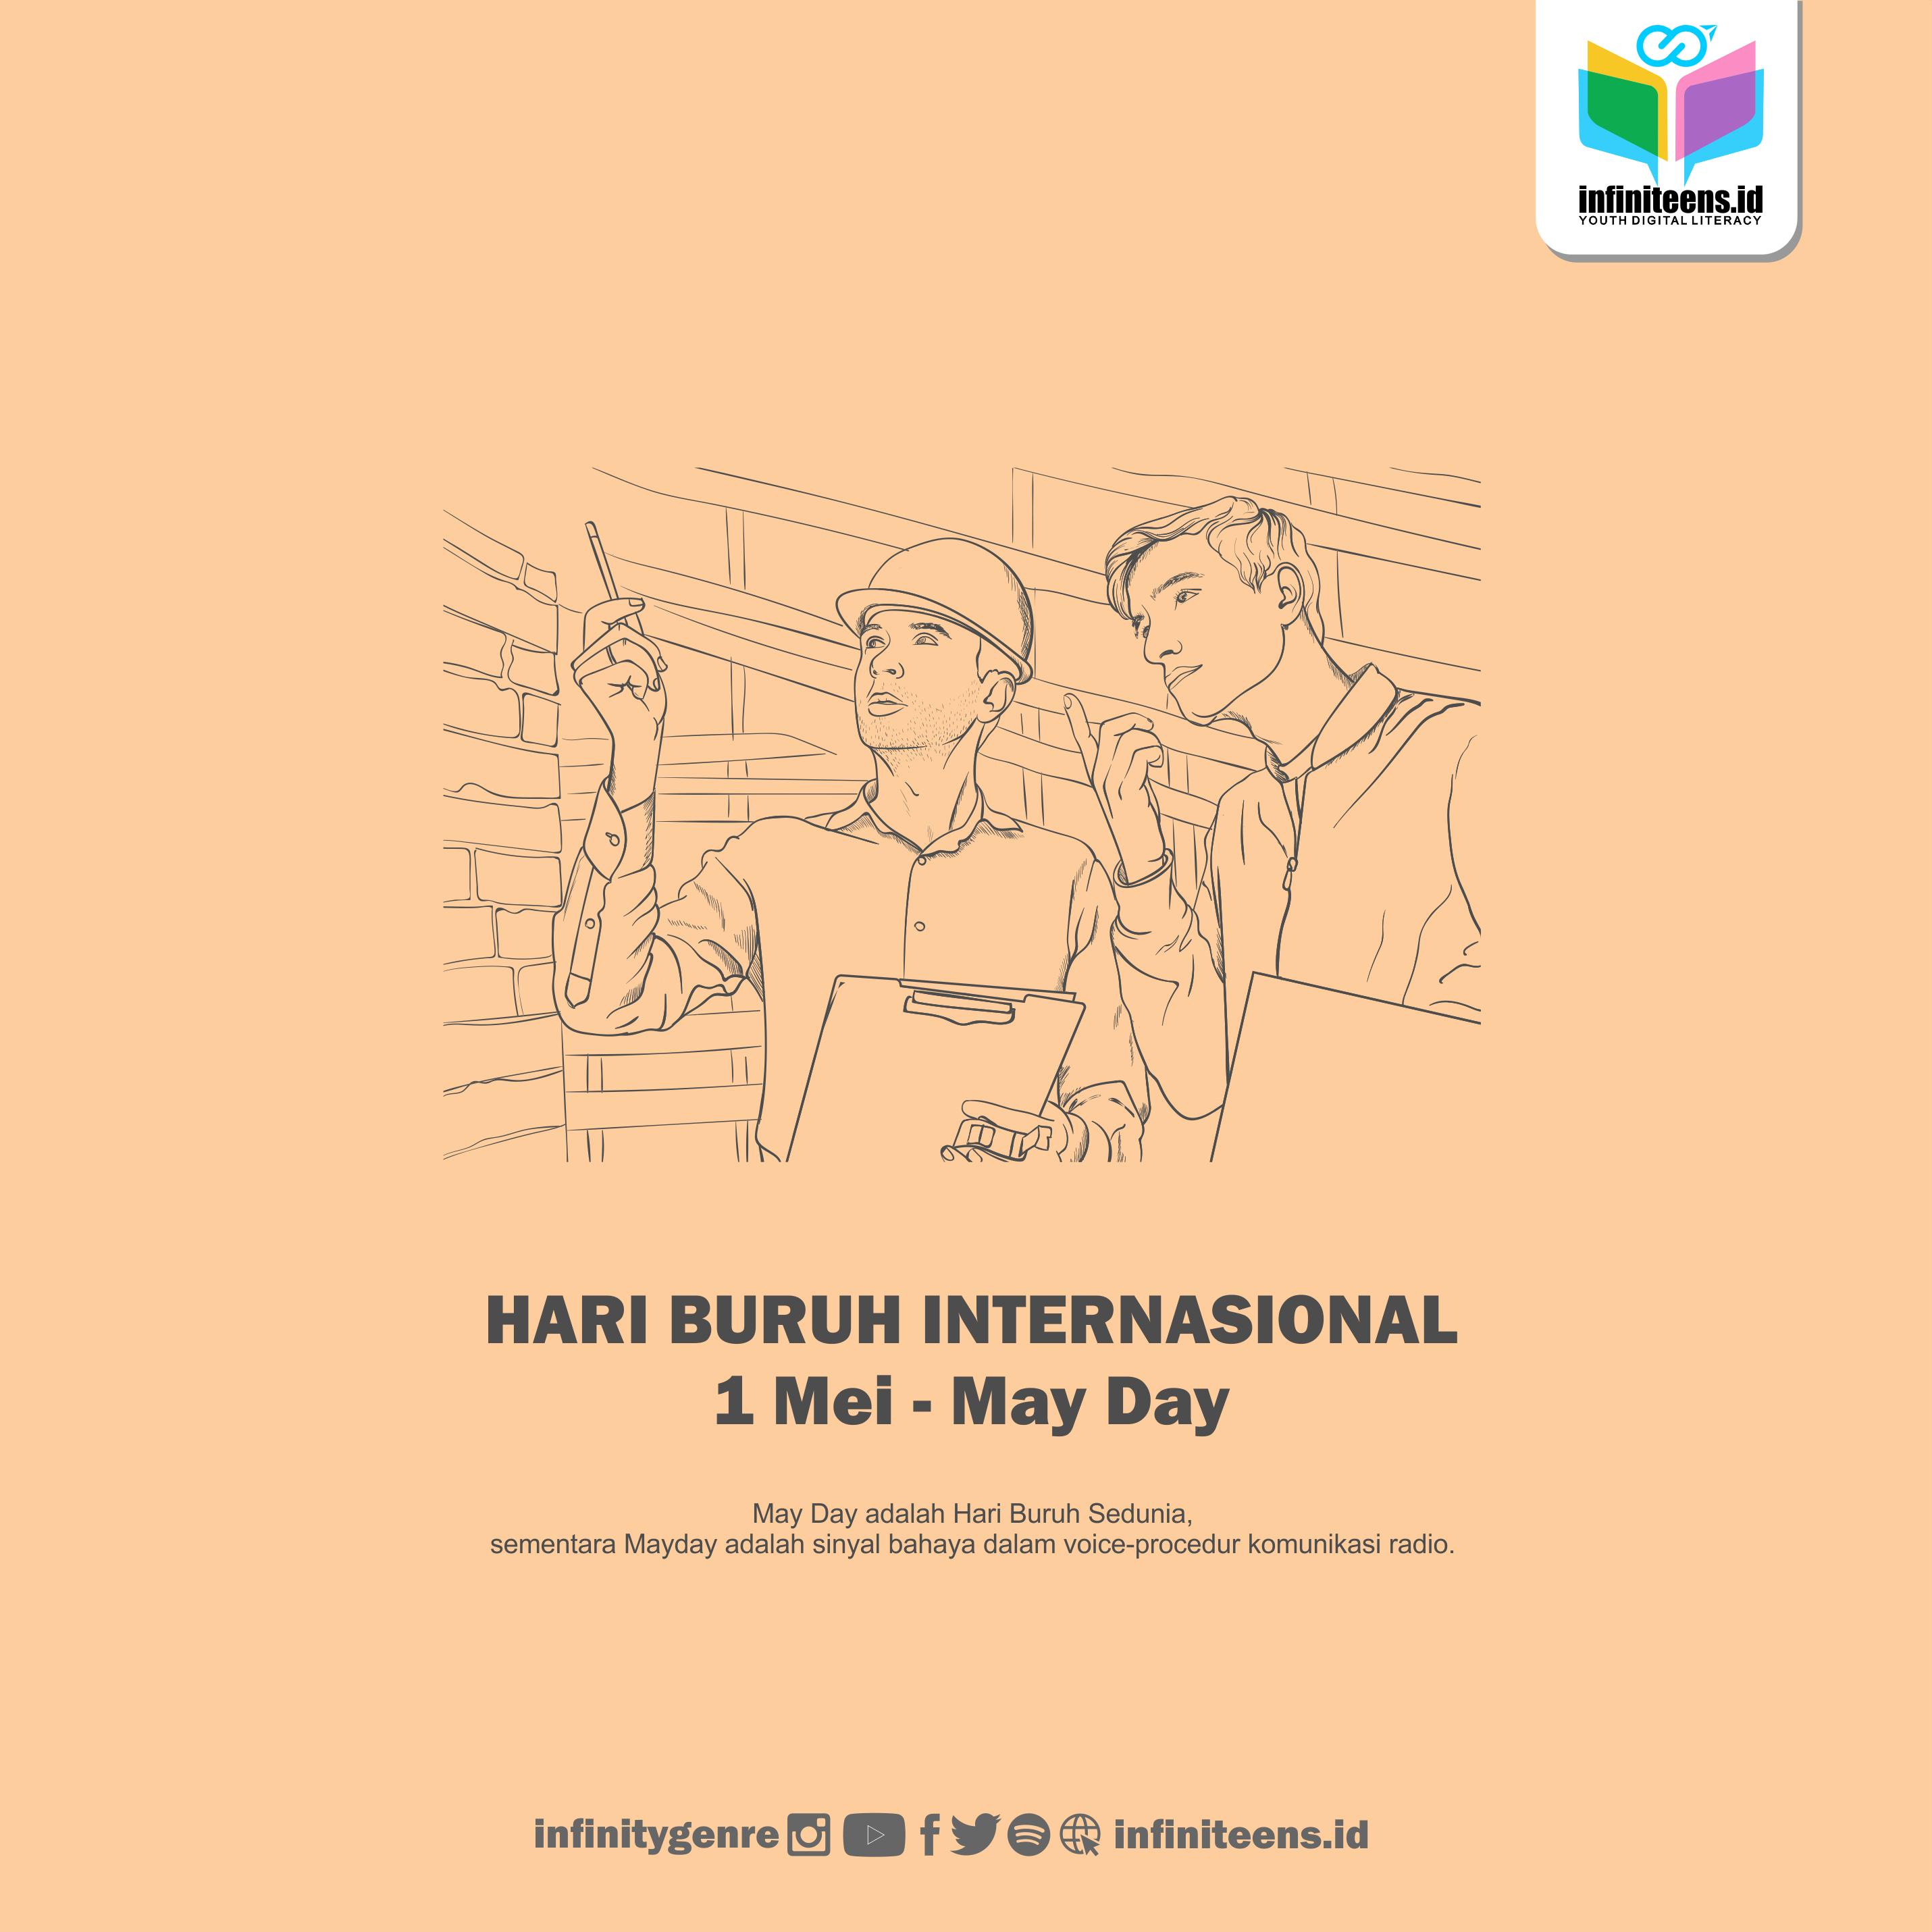 Hari Buruh Internasional 2021: Beda May Day dengan Mayday